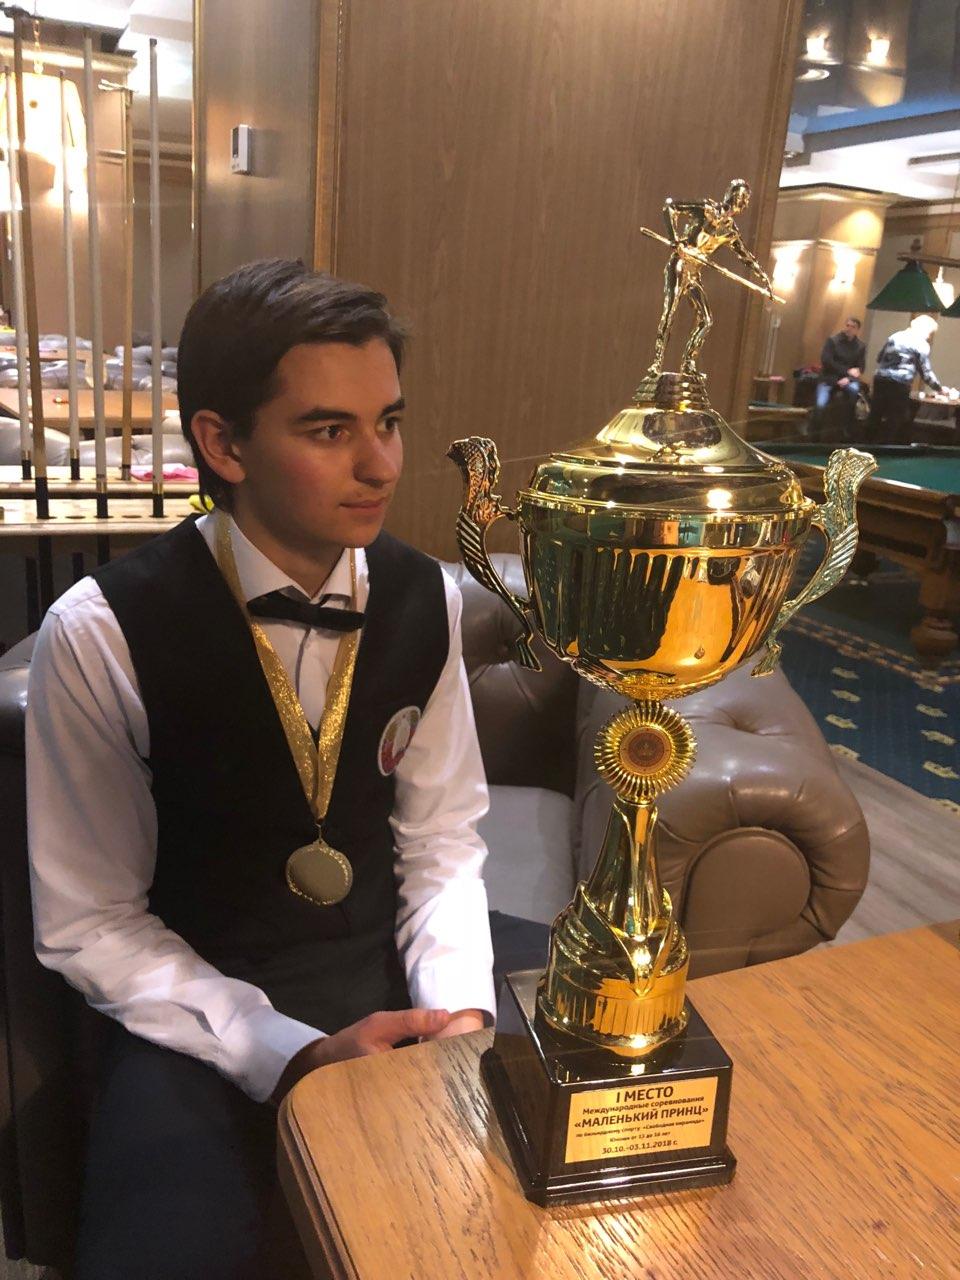 Эрик Голынкин с Кубком и золотой медалью турнира. Фото: личный архив